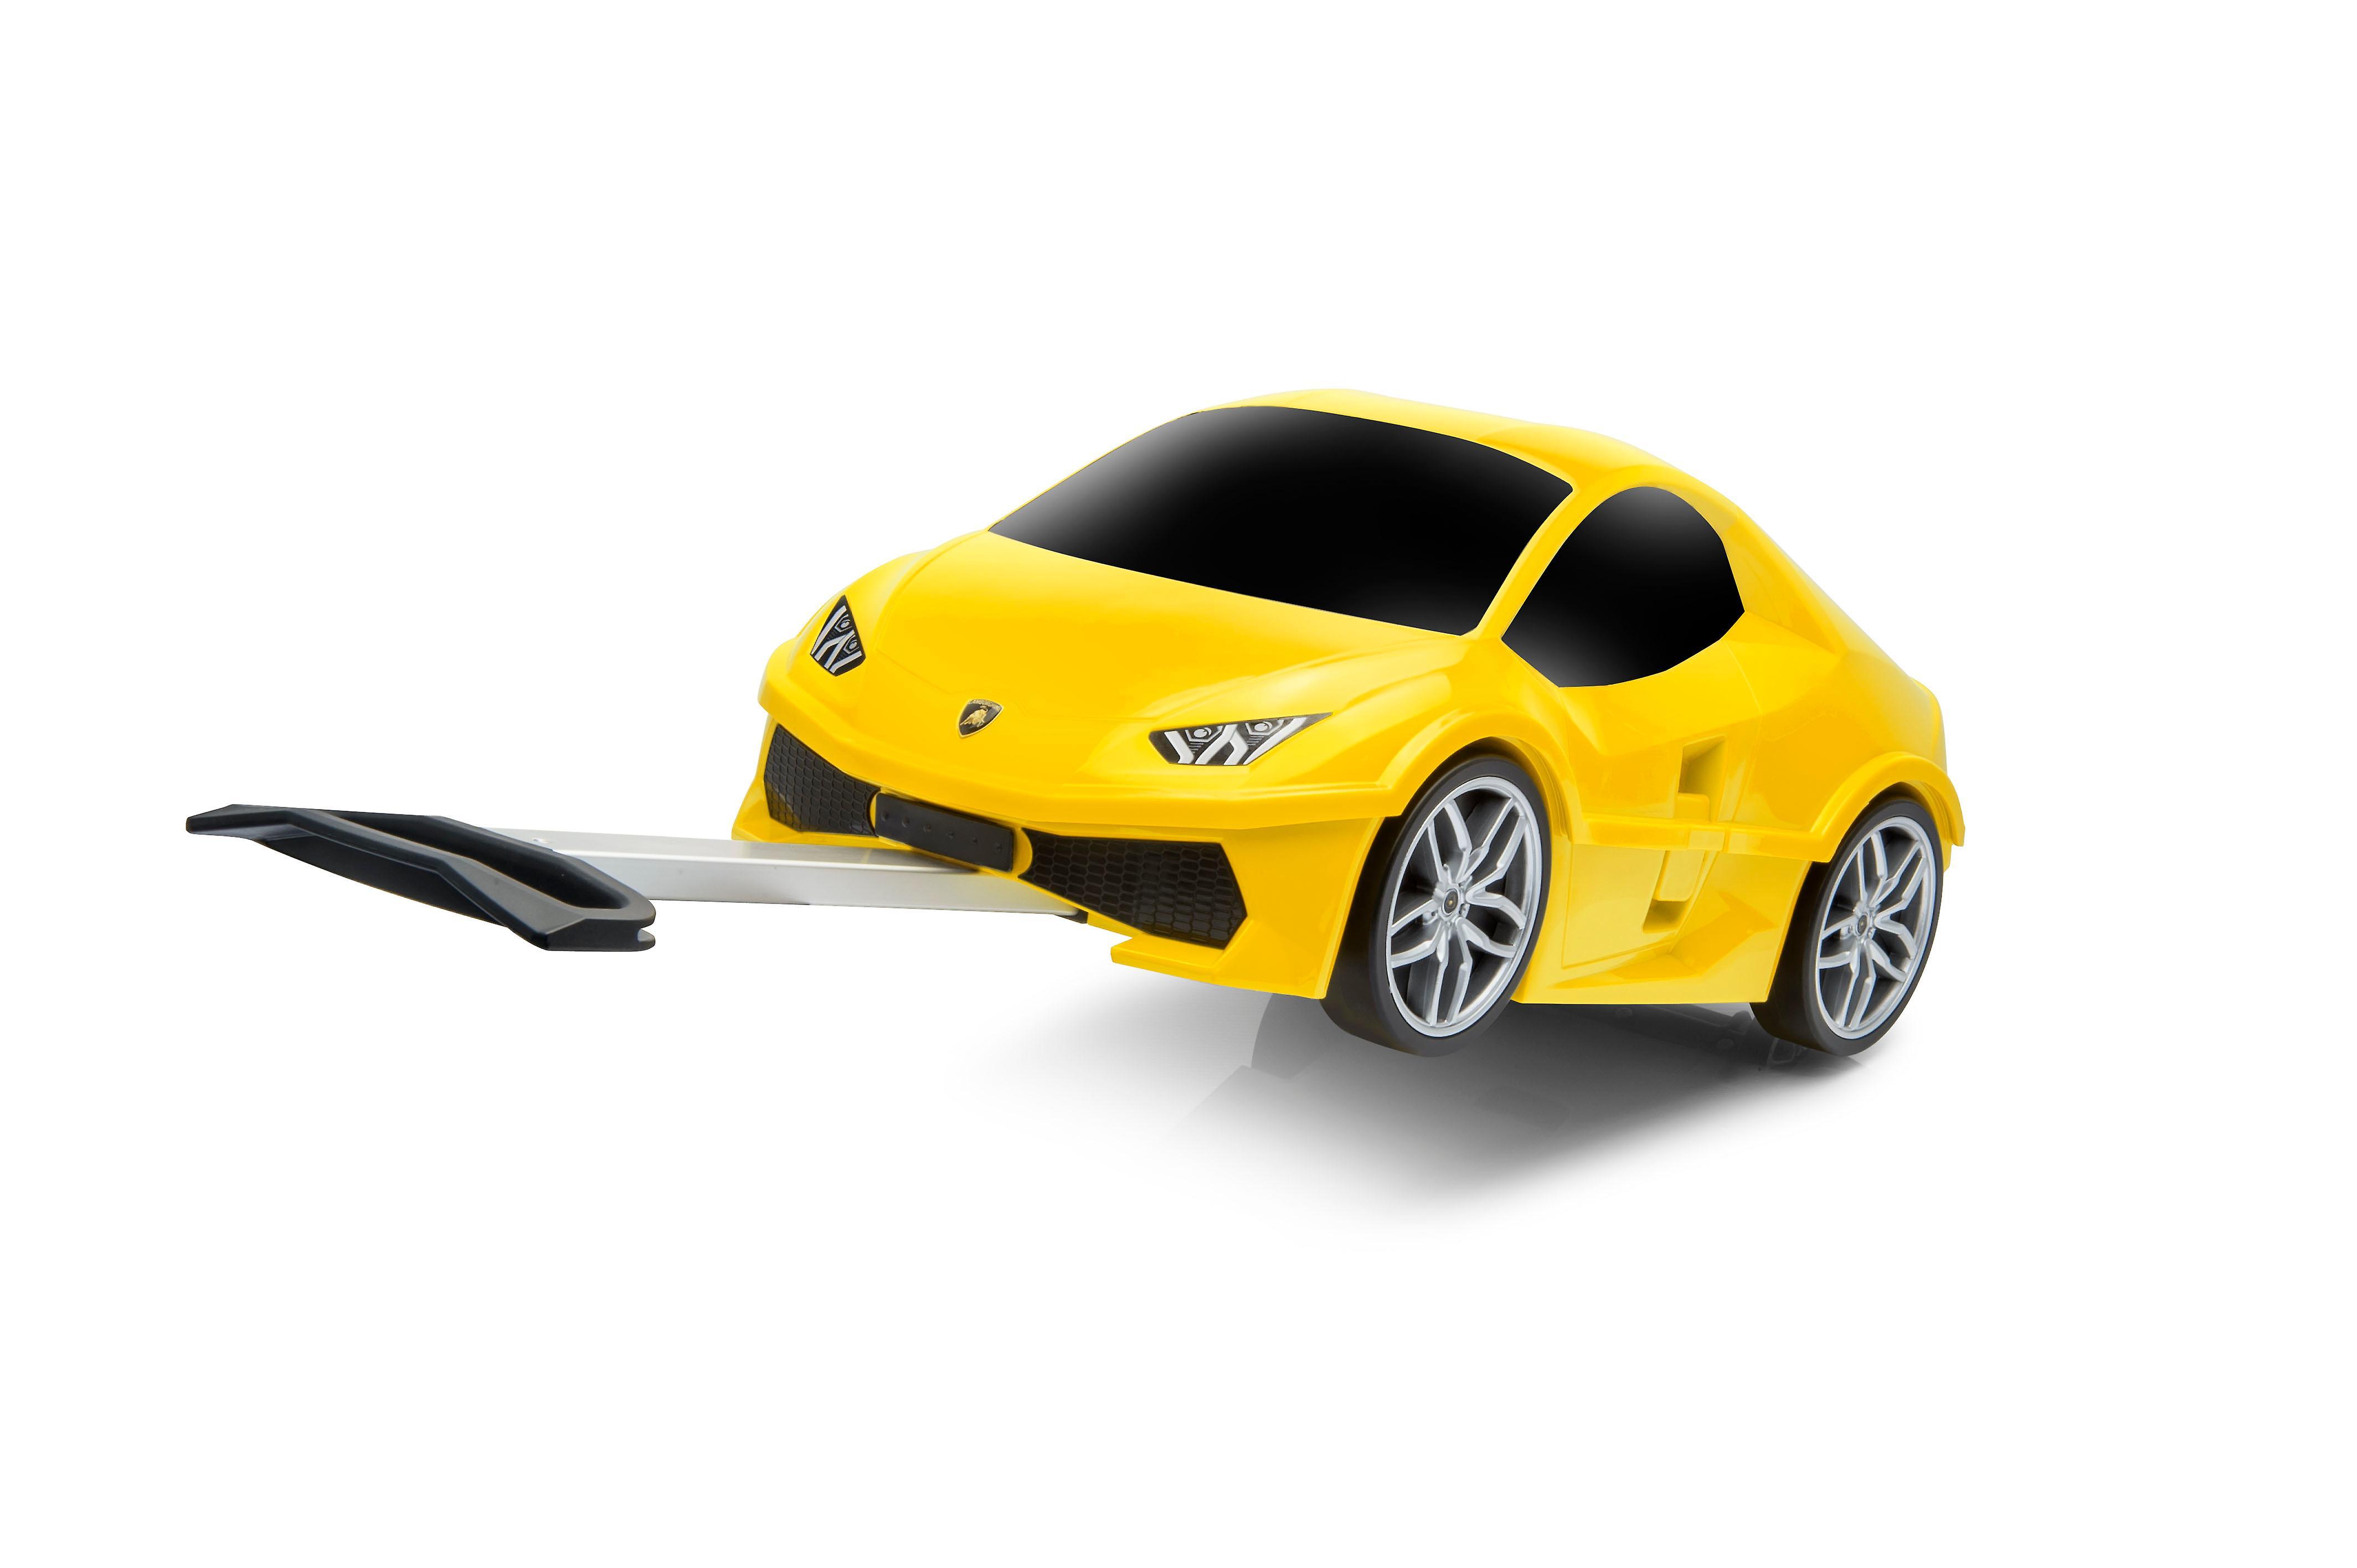 Offisielle Lamborghini tigre bil barna trekke langs tilfelle / reise koffert - gul